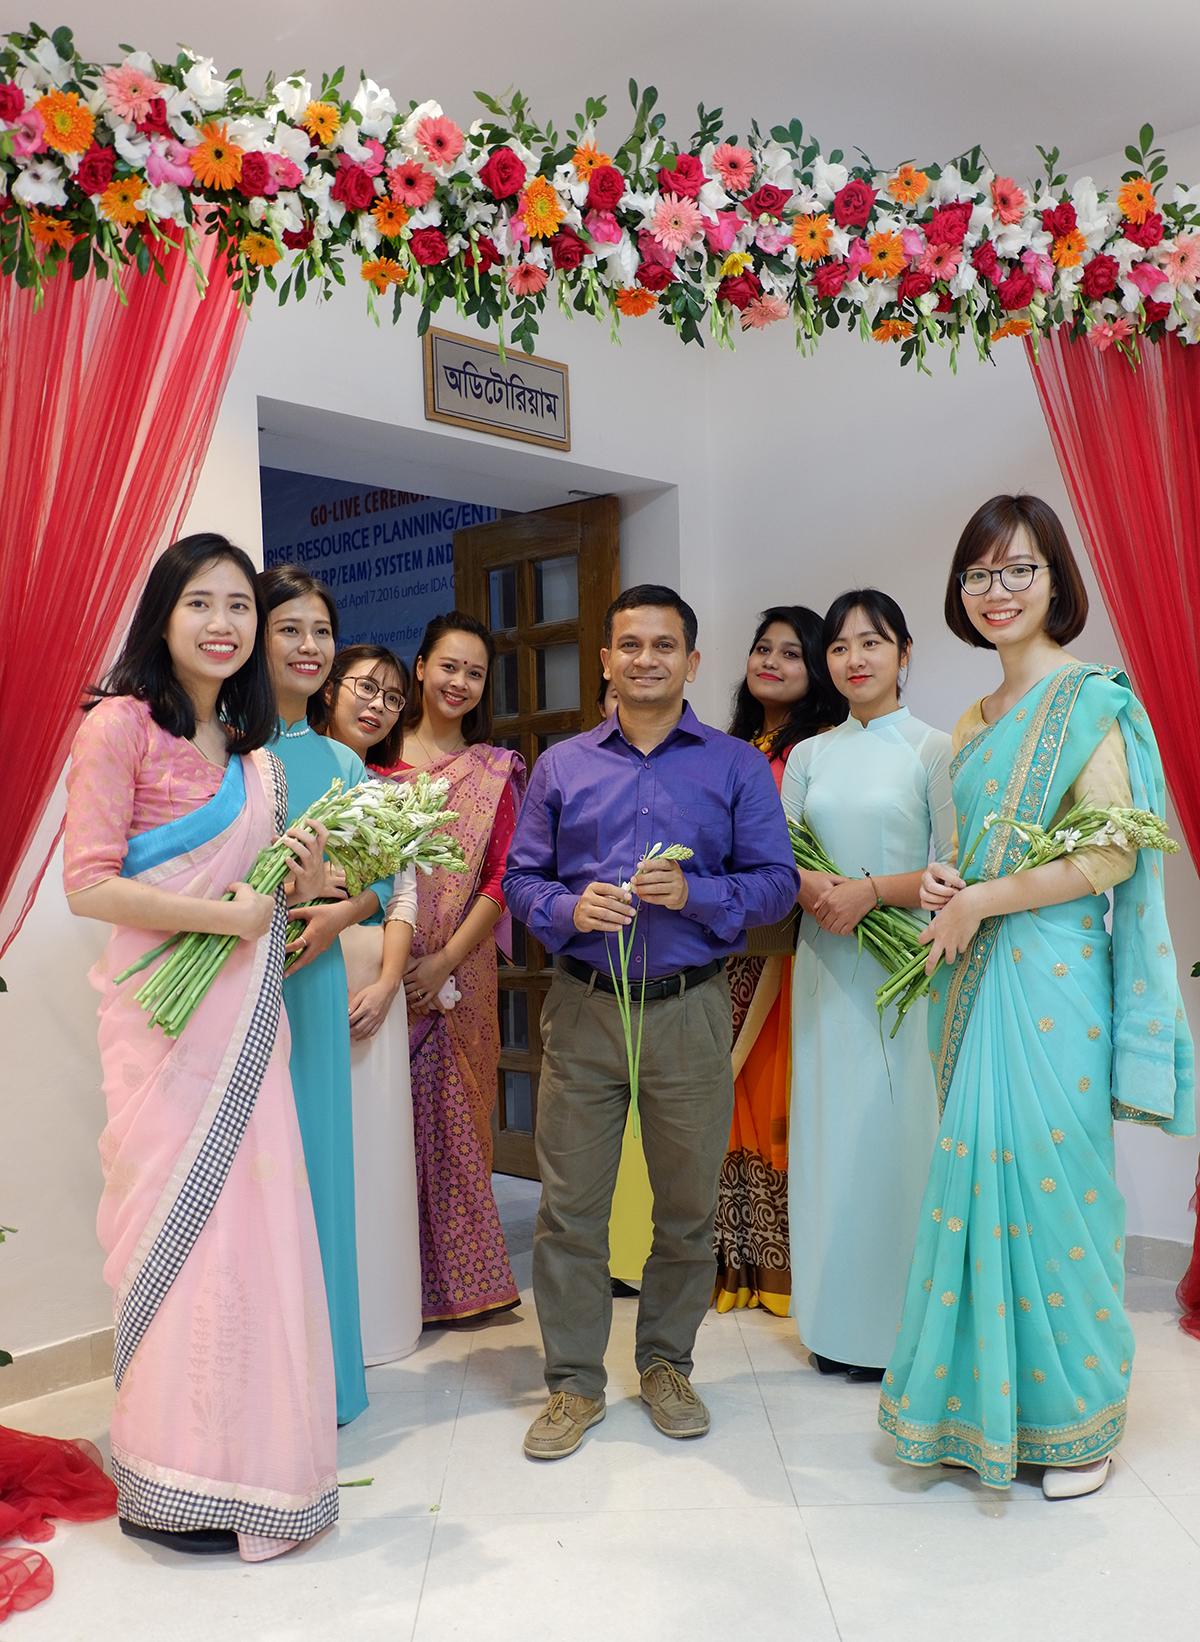 Nguyễn Như Quỳnh onsite từ tháng 12 năm ngoái, đến nay đã tròn một năm. Hiện tại, FPT IS có 4 dự án onsite tại Bangladesh gồm: BITAX, IVAS, GTCL và ERP với hơn 30 CBNV từ Việt Nam qua. Riêng dự án GTCL có 6 nữ đều còn rất trẻ.